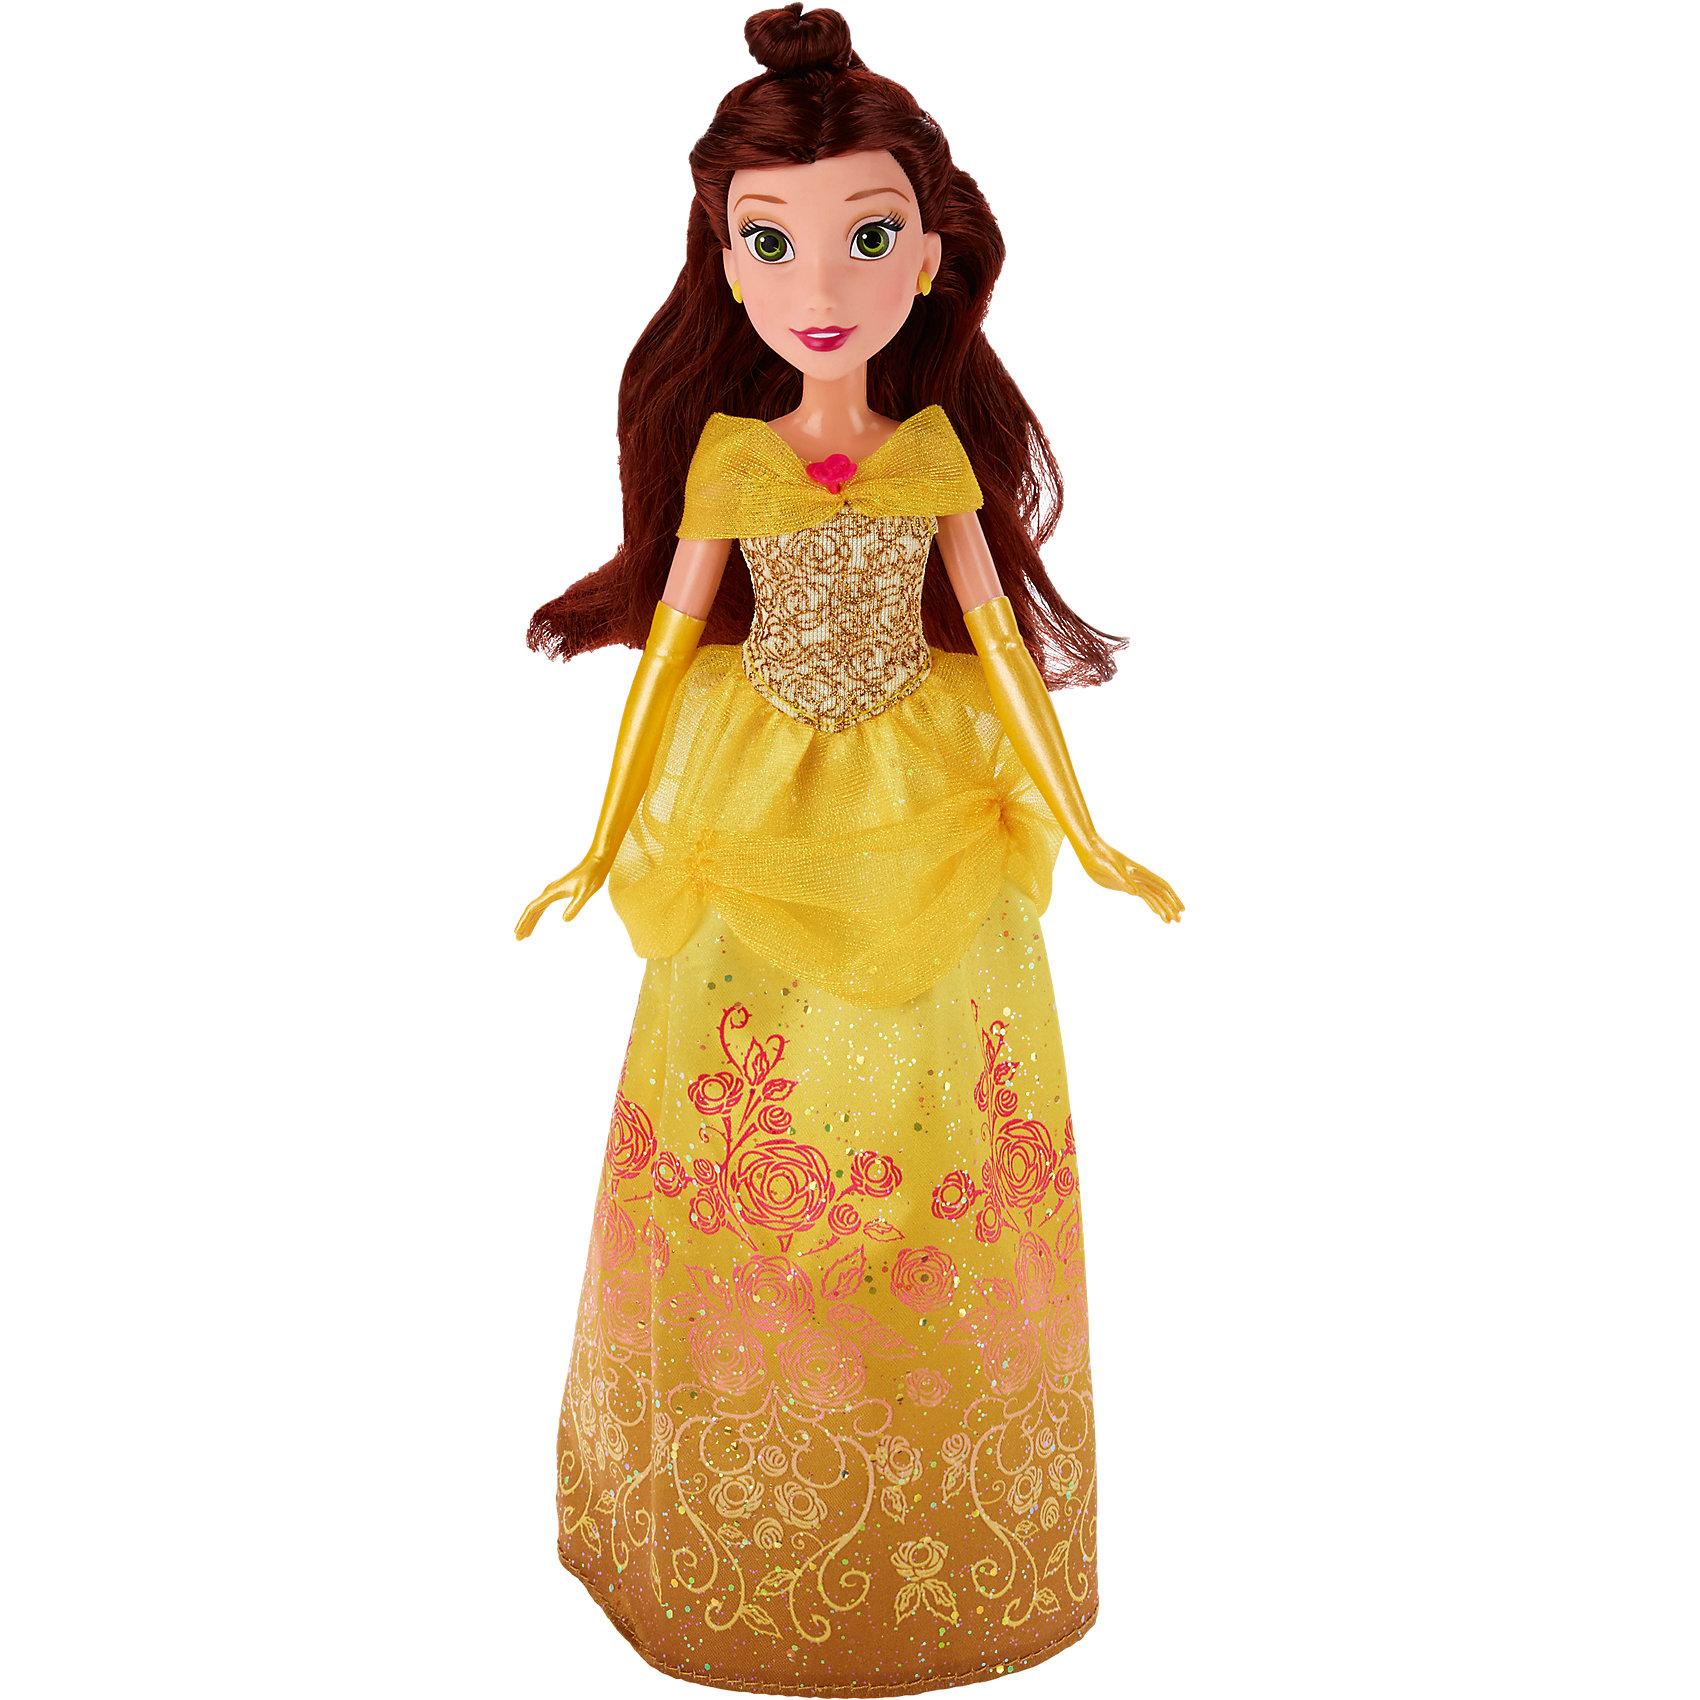 Классическая кукла Белль, Принцессы ДиснейКлассическая кукла Белль, Красавица и Чудовище - игрушка, которая наверняка порадует вашего ребенка.<br>Красавица Белль - главная героиня мультфильма Красавица и чудовище. Больше всего на свете девушка любит читать книги и тратит на любимое занятие все свободное время. Жители небольшой французской деревушки, где родилась Белль, считают ее самым красивым созданием на свете. <br><br>Дополнительная информация:<br><br>В комплекте: кукла Белль<br>Размер: 28 см<br>Материалы: пластмасса, текстиль.<br>Размер упаковки: 15 x 5 x 36 см.<br>Вес: 0,31 кг.<br><br>Классическую куклу Белль, Принцессы Дисней, можно купить в нашем интернет-магазине.<br><br>Ширина мм: 322<br>Глубина мм: 152<br>Высота мм: 53<br>Вес г: 179<br>Возраст от месяцев: 36<br>Возраст до месяцев: 72<br>Пол: Женский<br>Возраст: Детский<br>SKU: 4351496